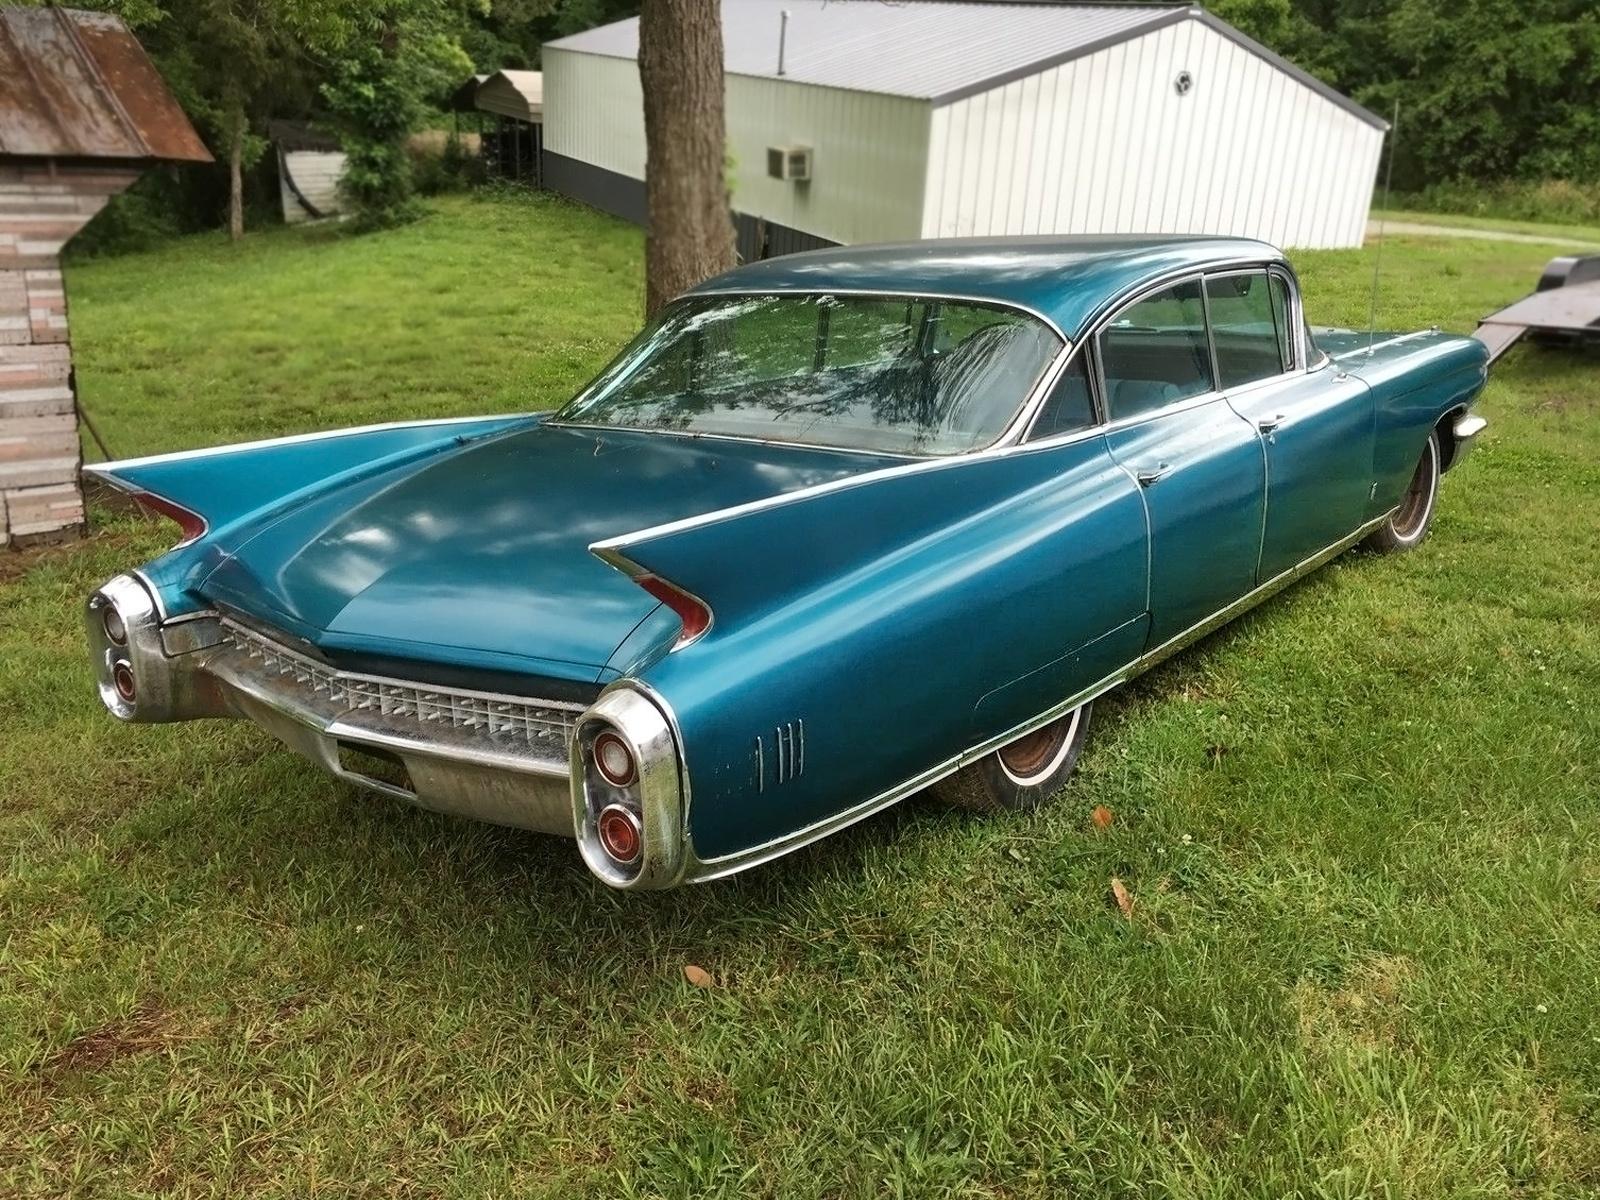 Fin Tastic Fleetwood 1960 Cadillac Fleetwood